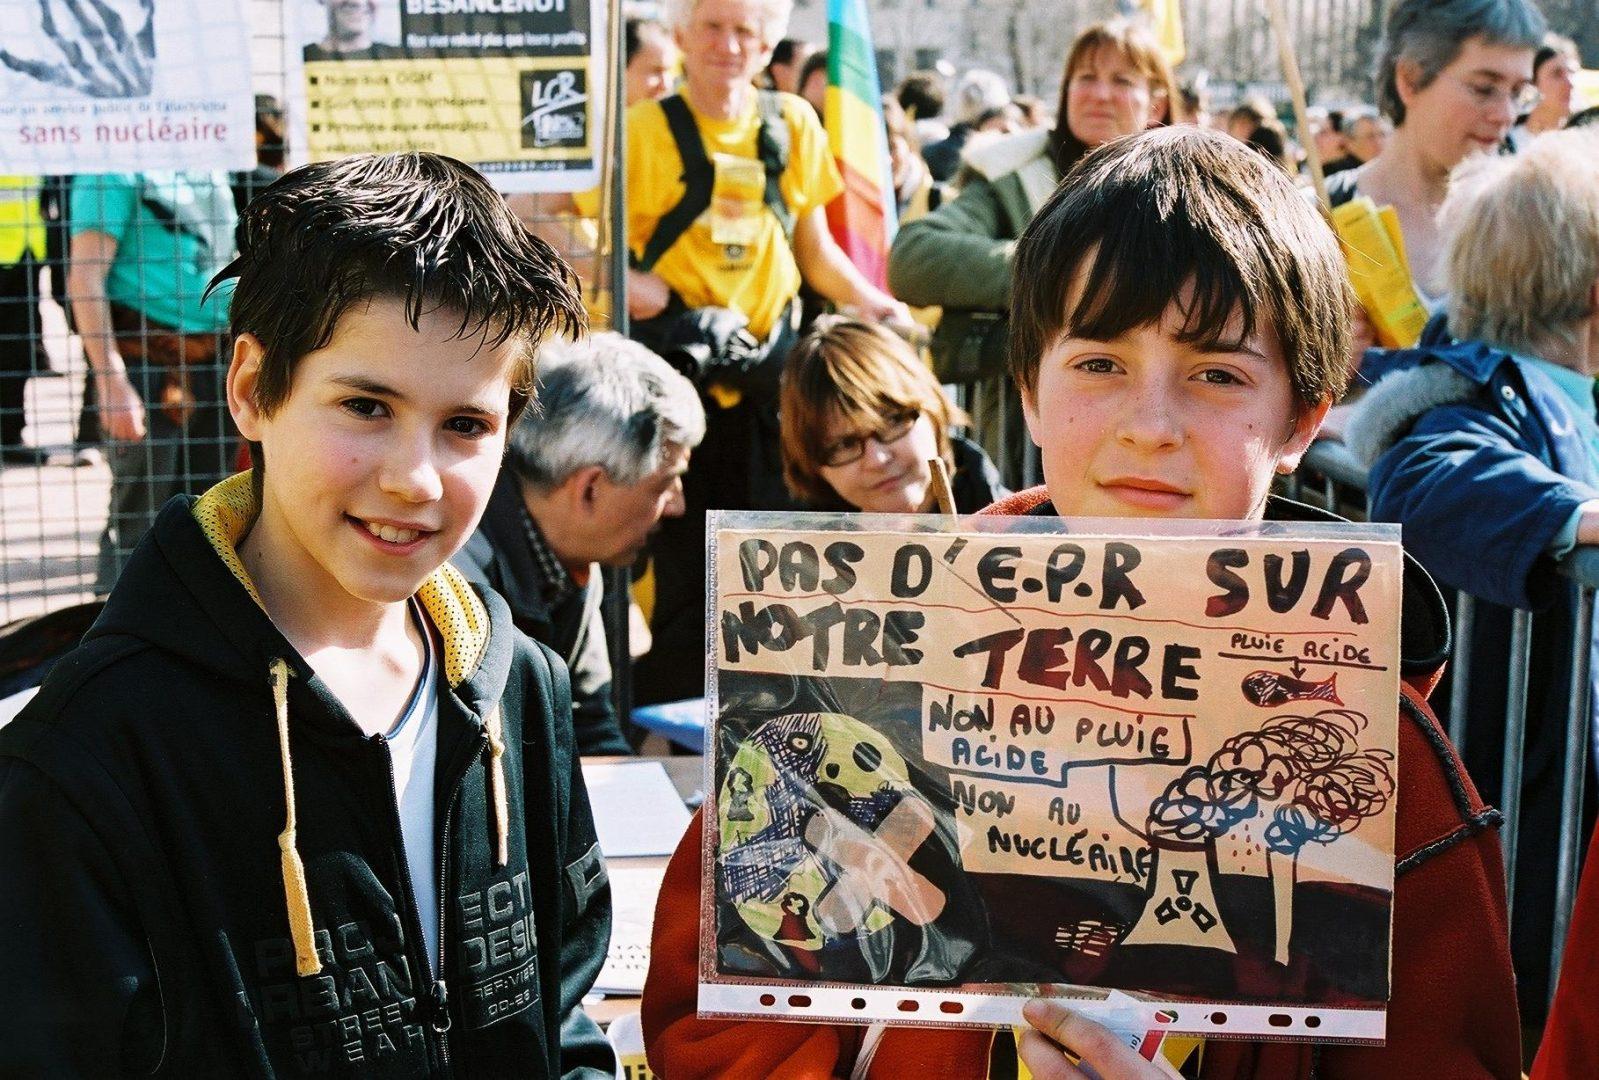 Petit à petit on nous prépare à la guerre - Crédit photo izart.fr